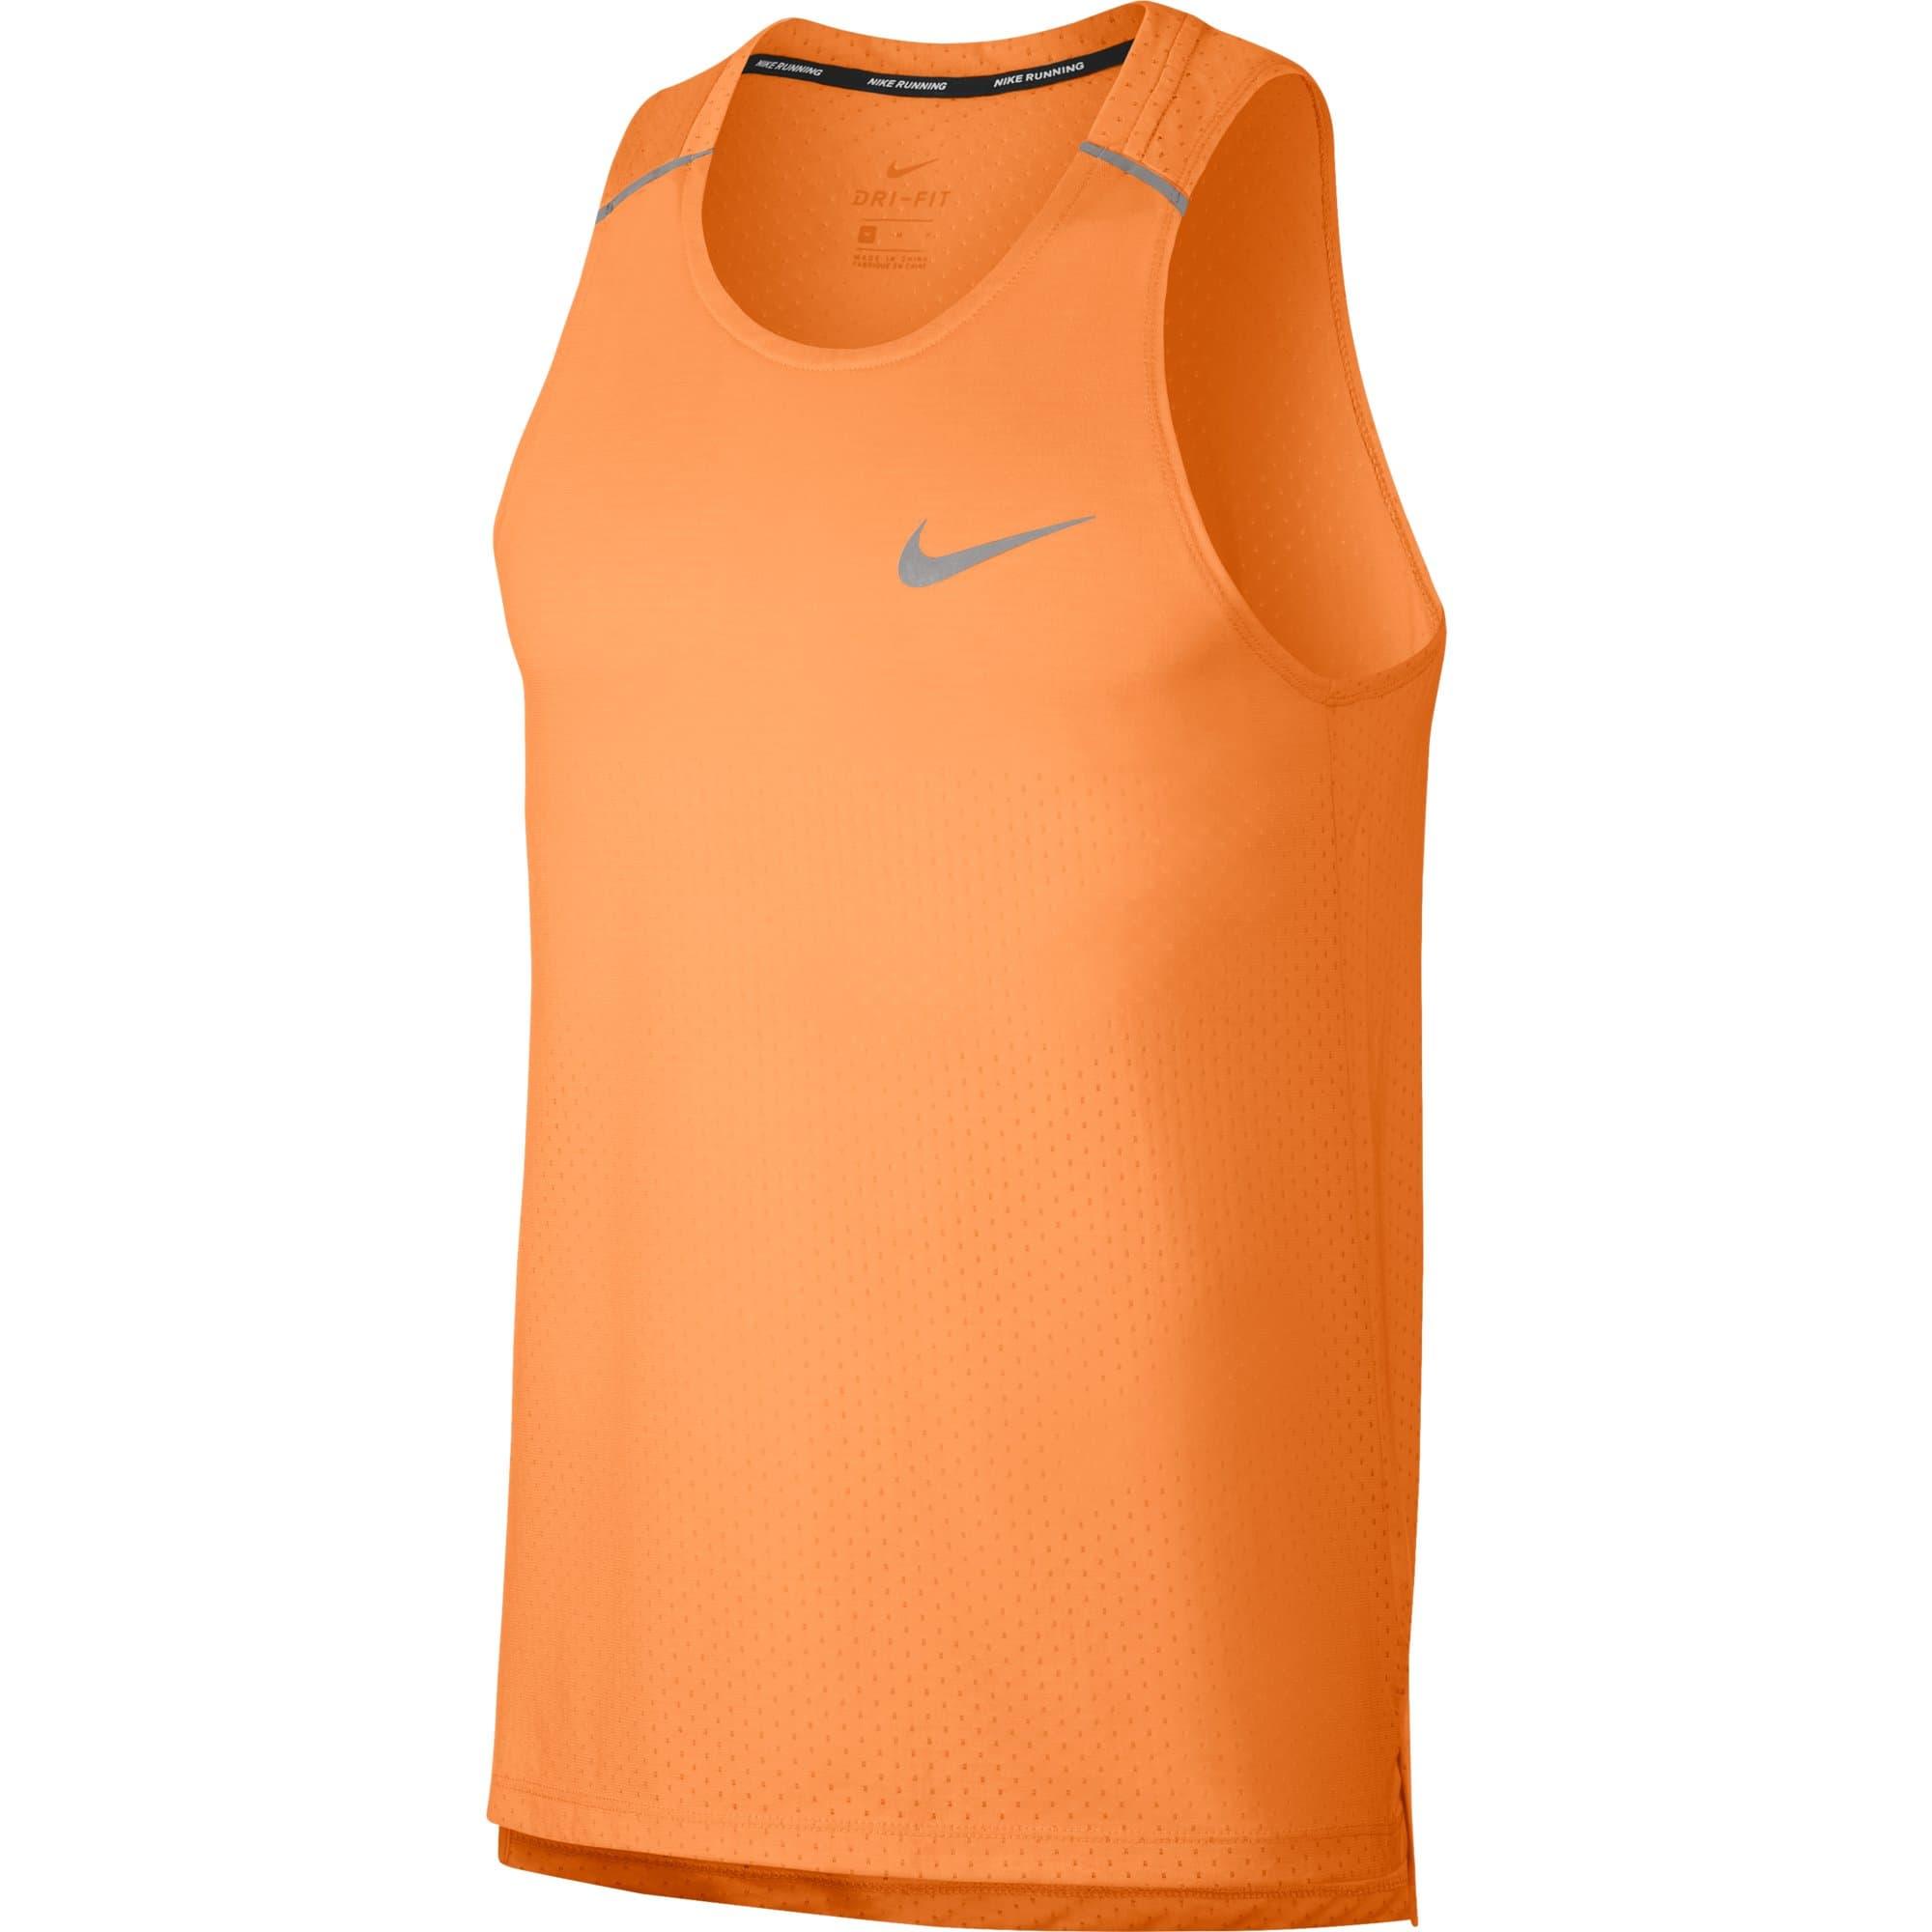 57c4f5a9c1f39 Nike Rise 365 Débardeur pour homme | Migros